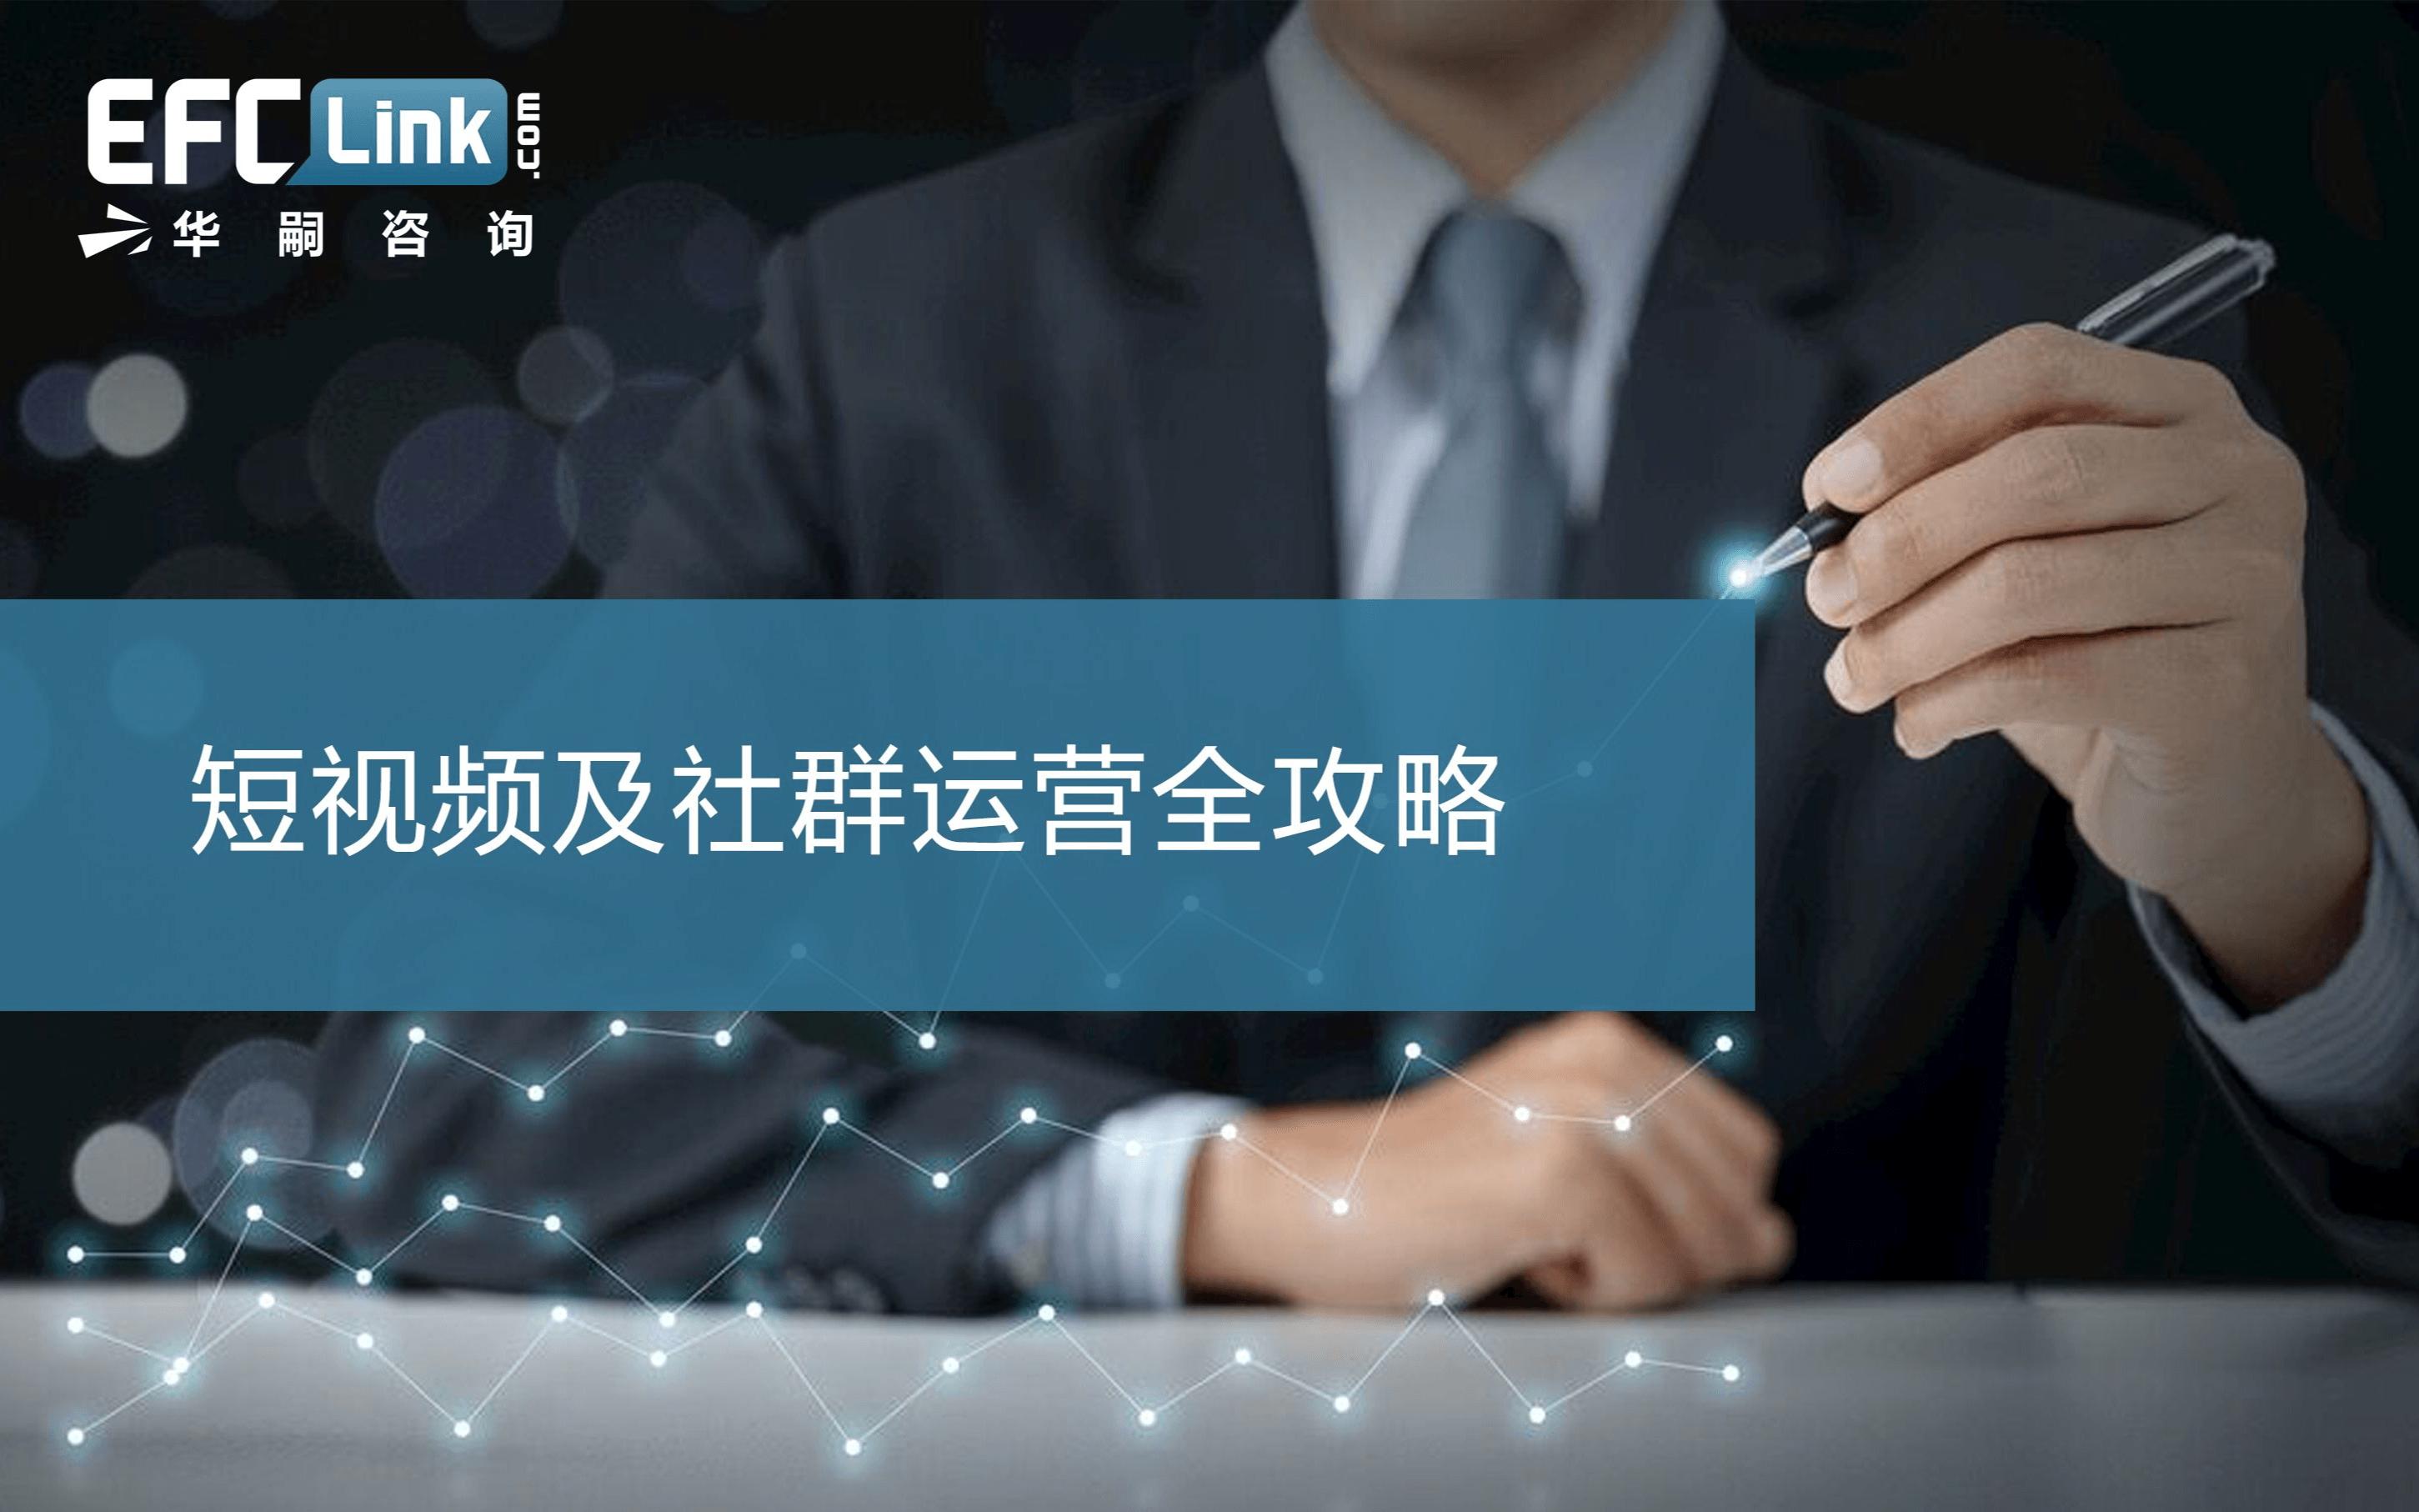 短视频及社群运营全攻略2020(深圳-2月28日)